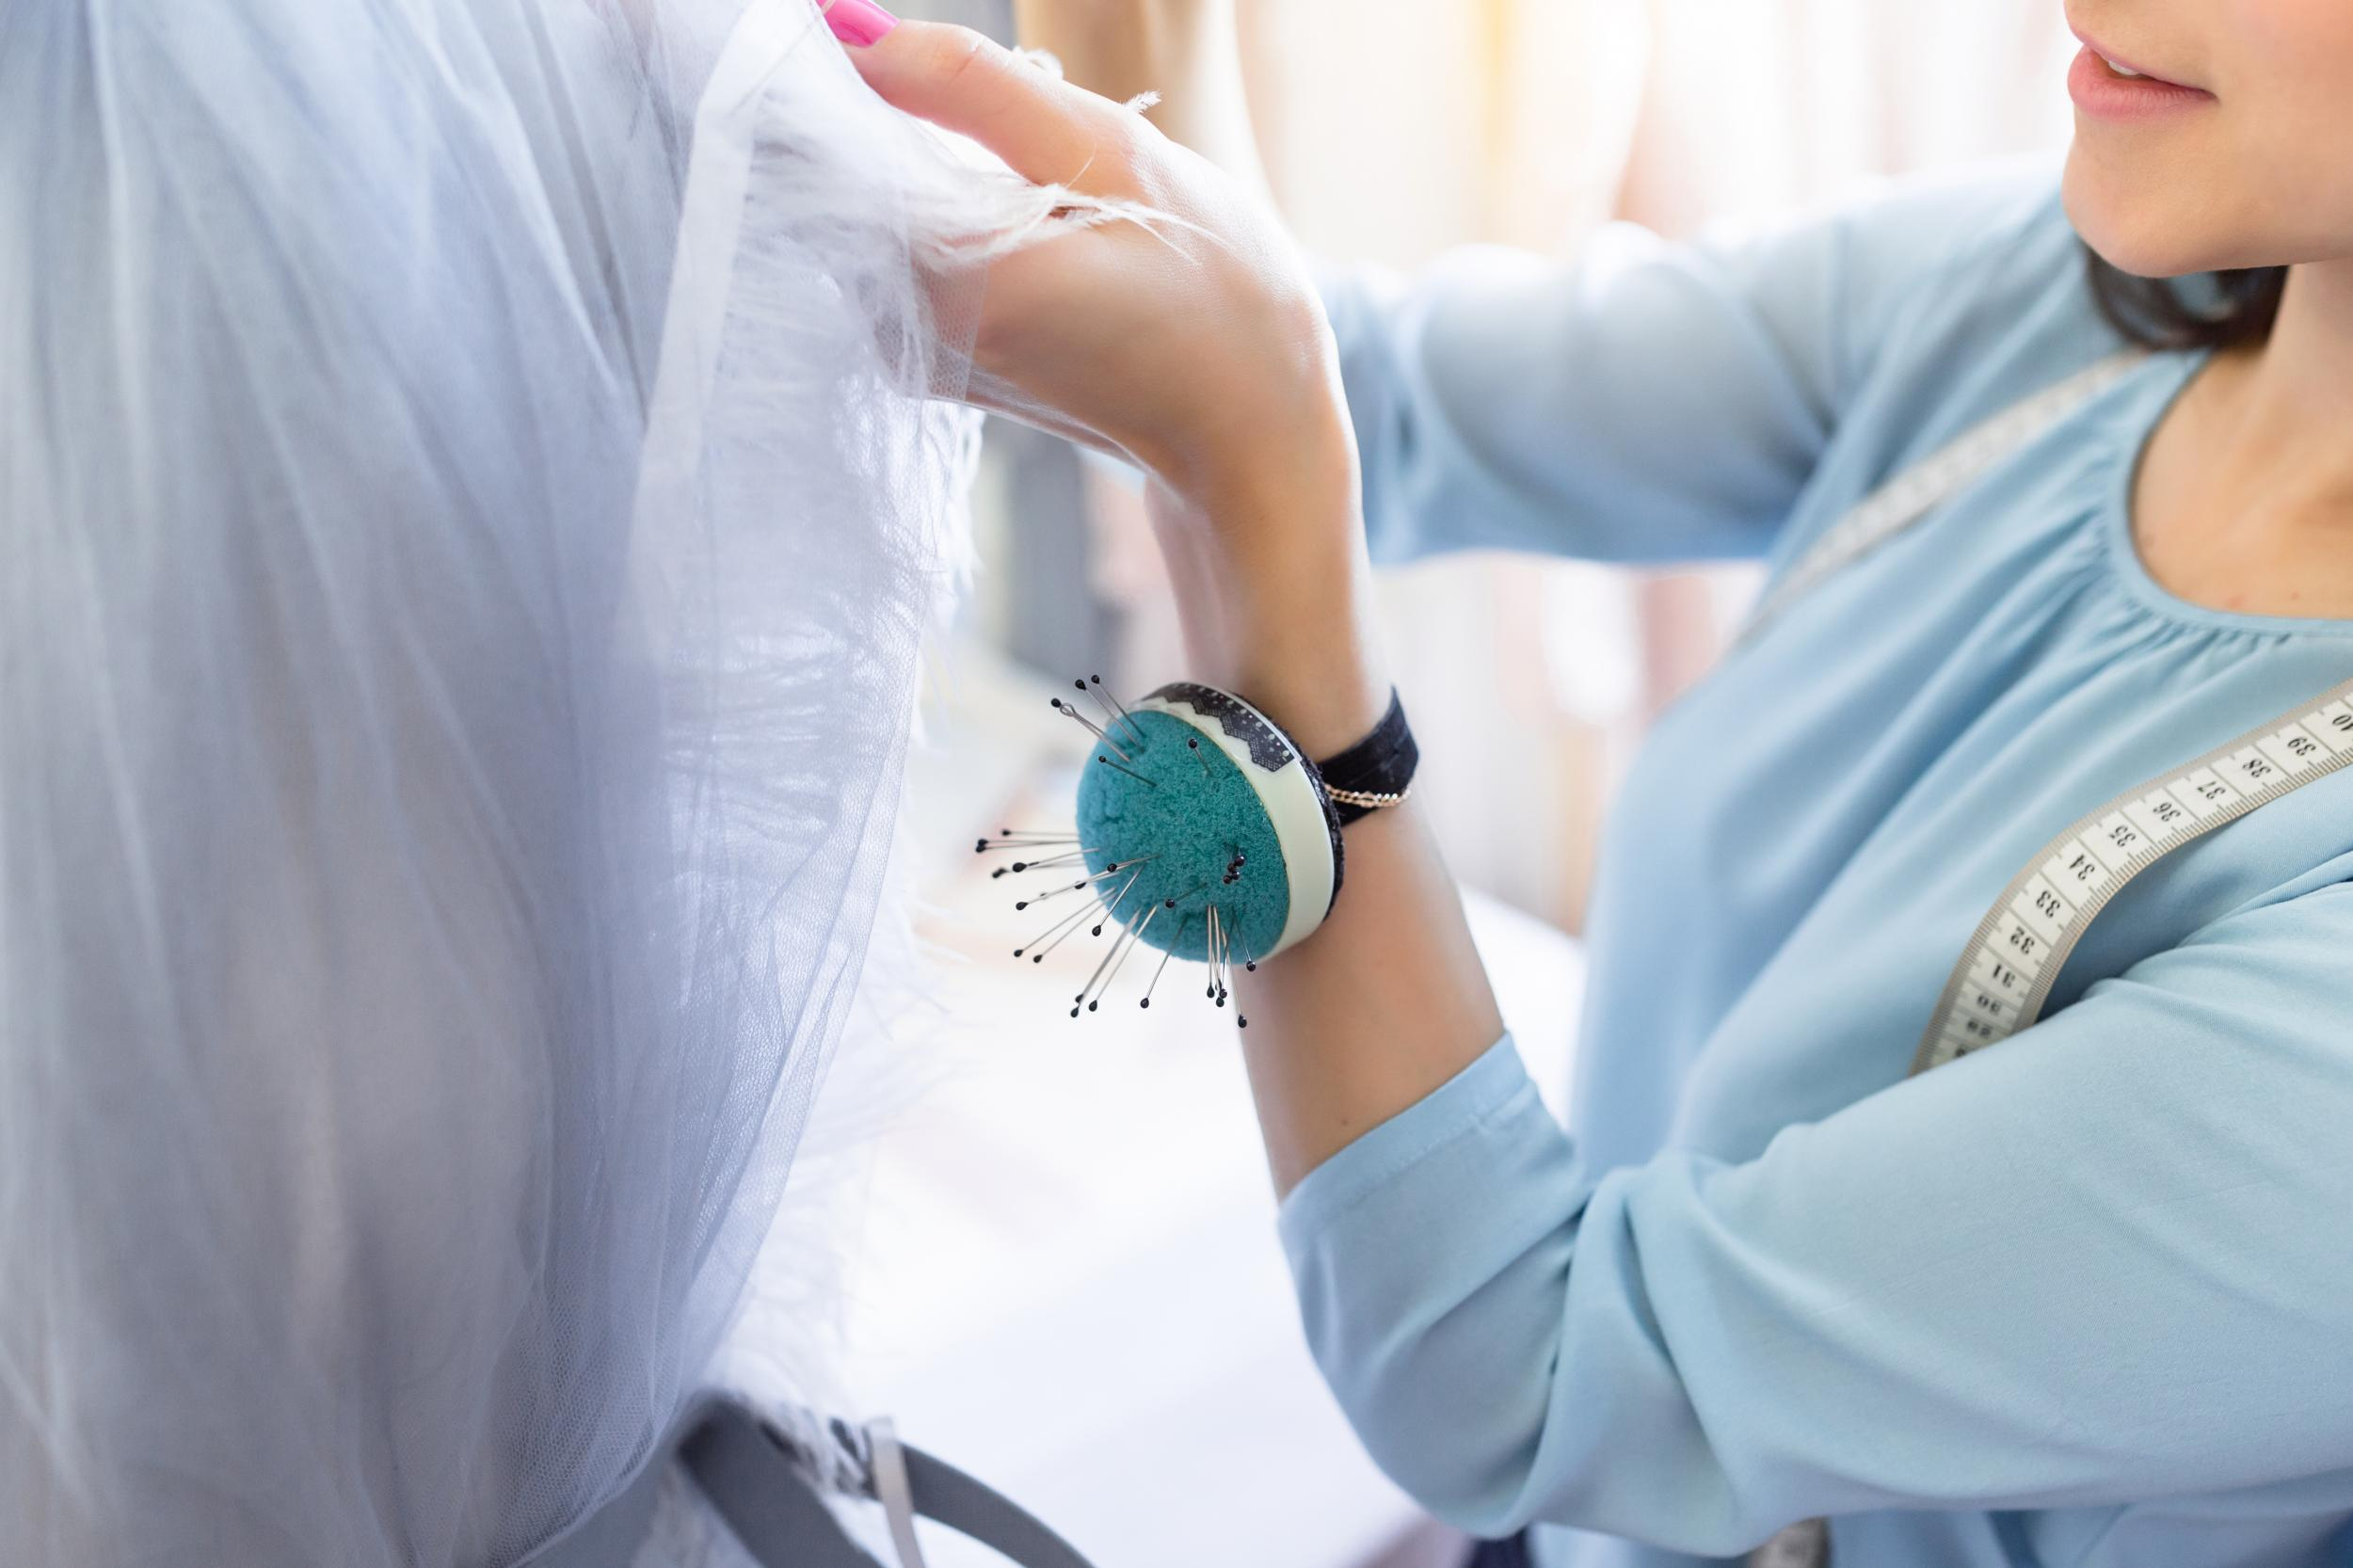 Costureira tirando medidas para vestido